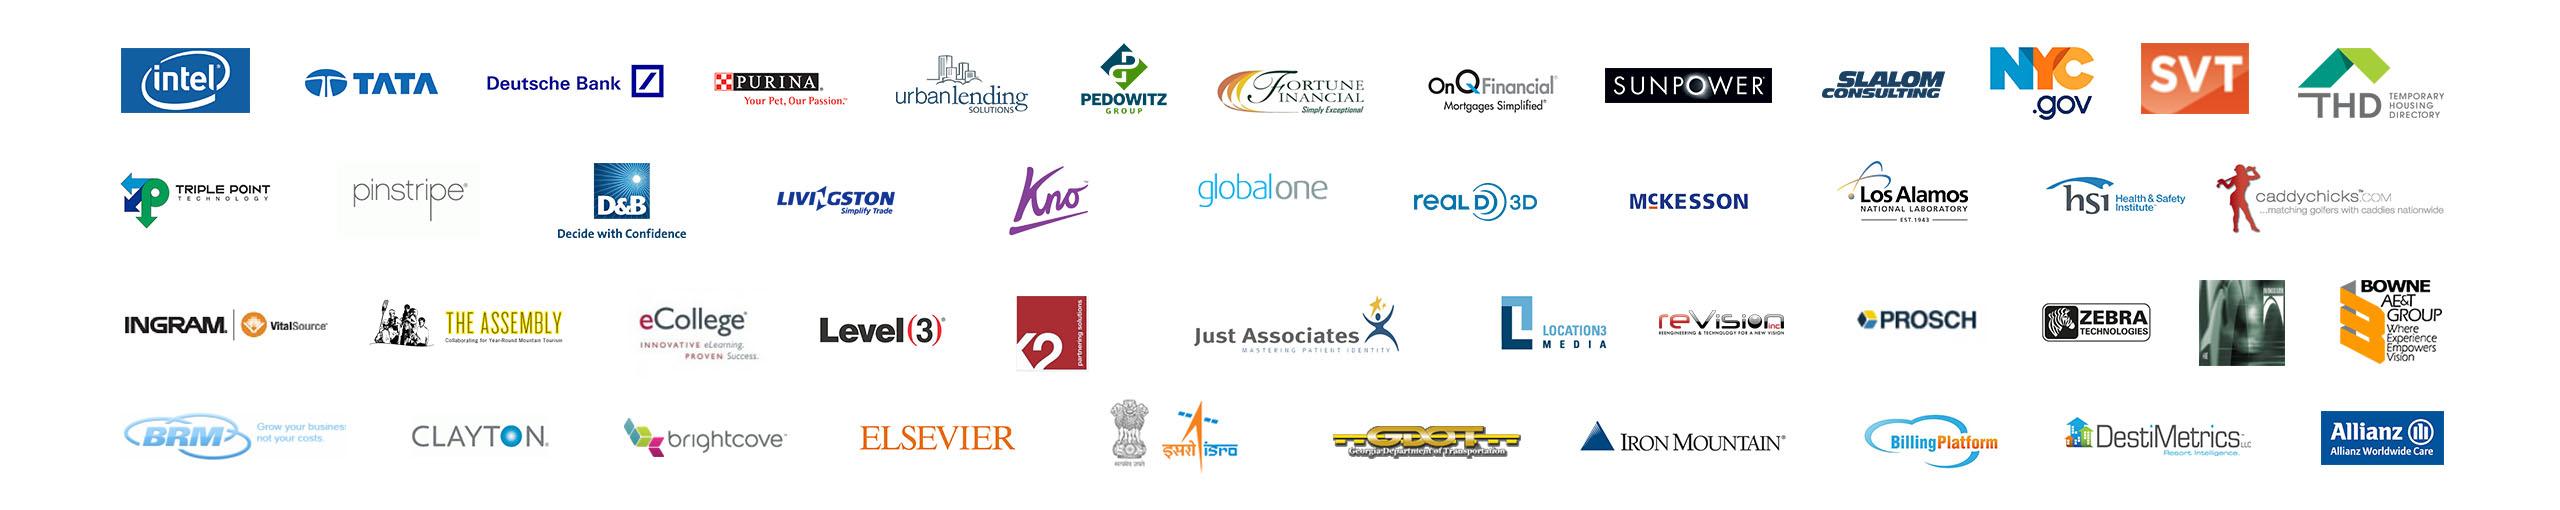 Clients of sairoop happy clients of sairoop